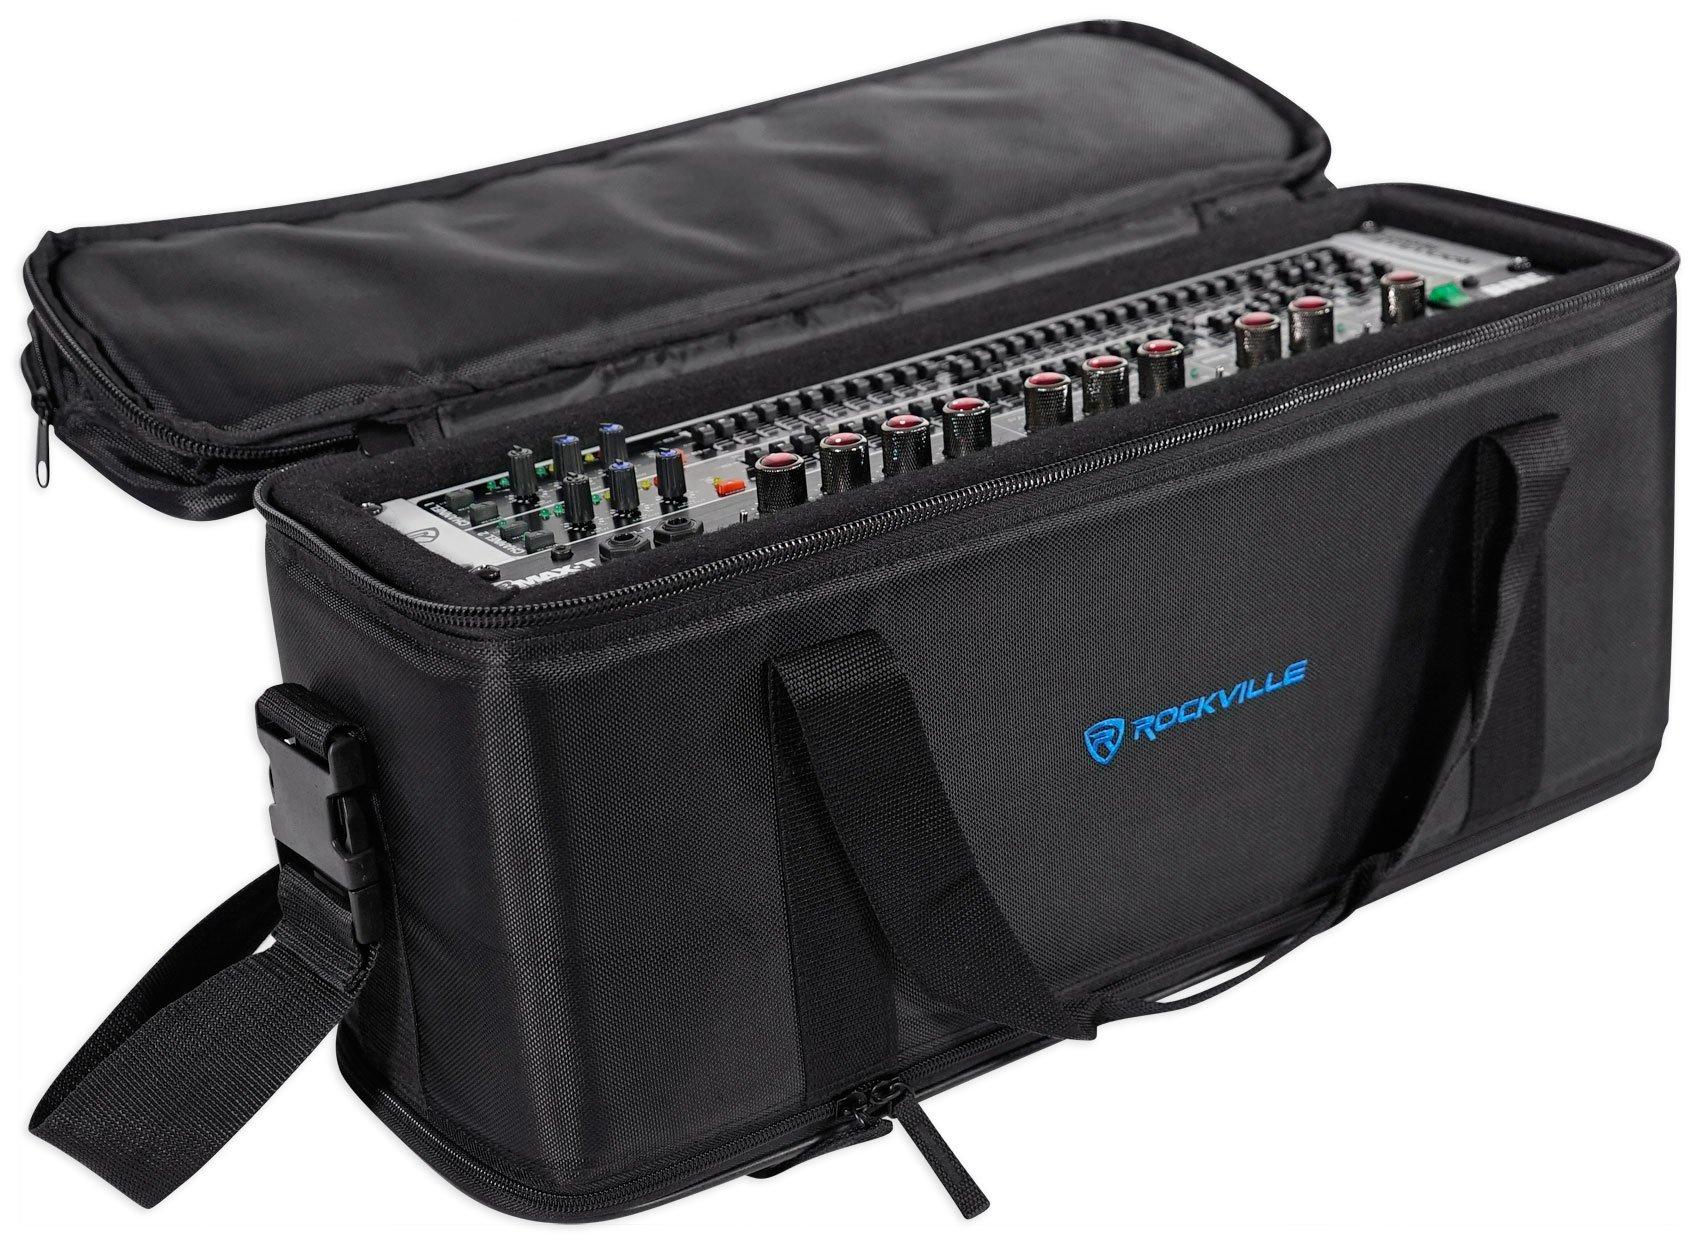 Rockville 3U Rack Bag Double-Sided Case with 12'' Depth + Shoulder Strap (RRB30) by Rockville (Image #5)